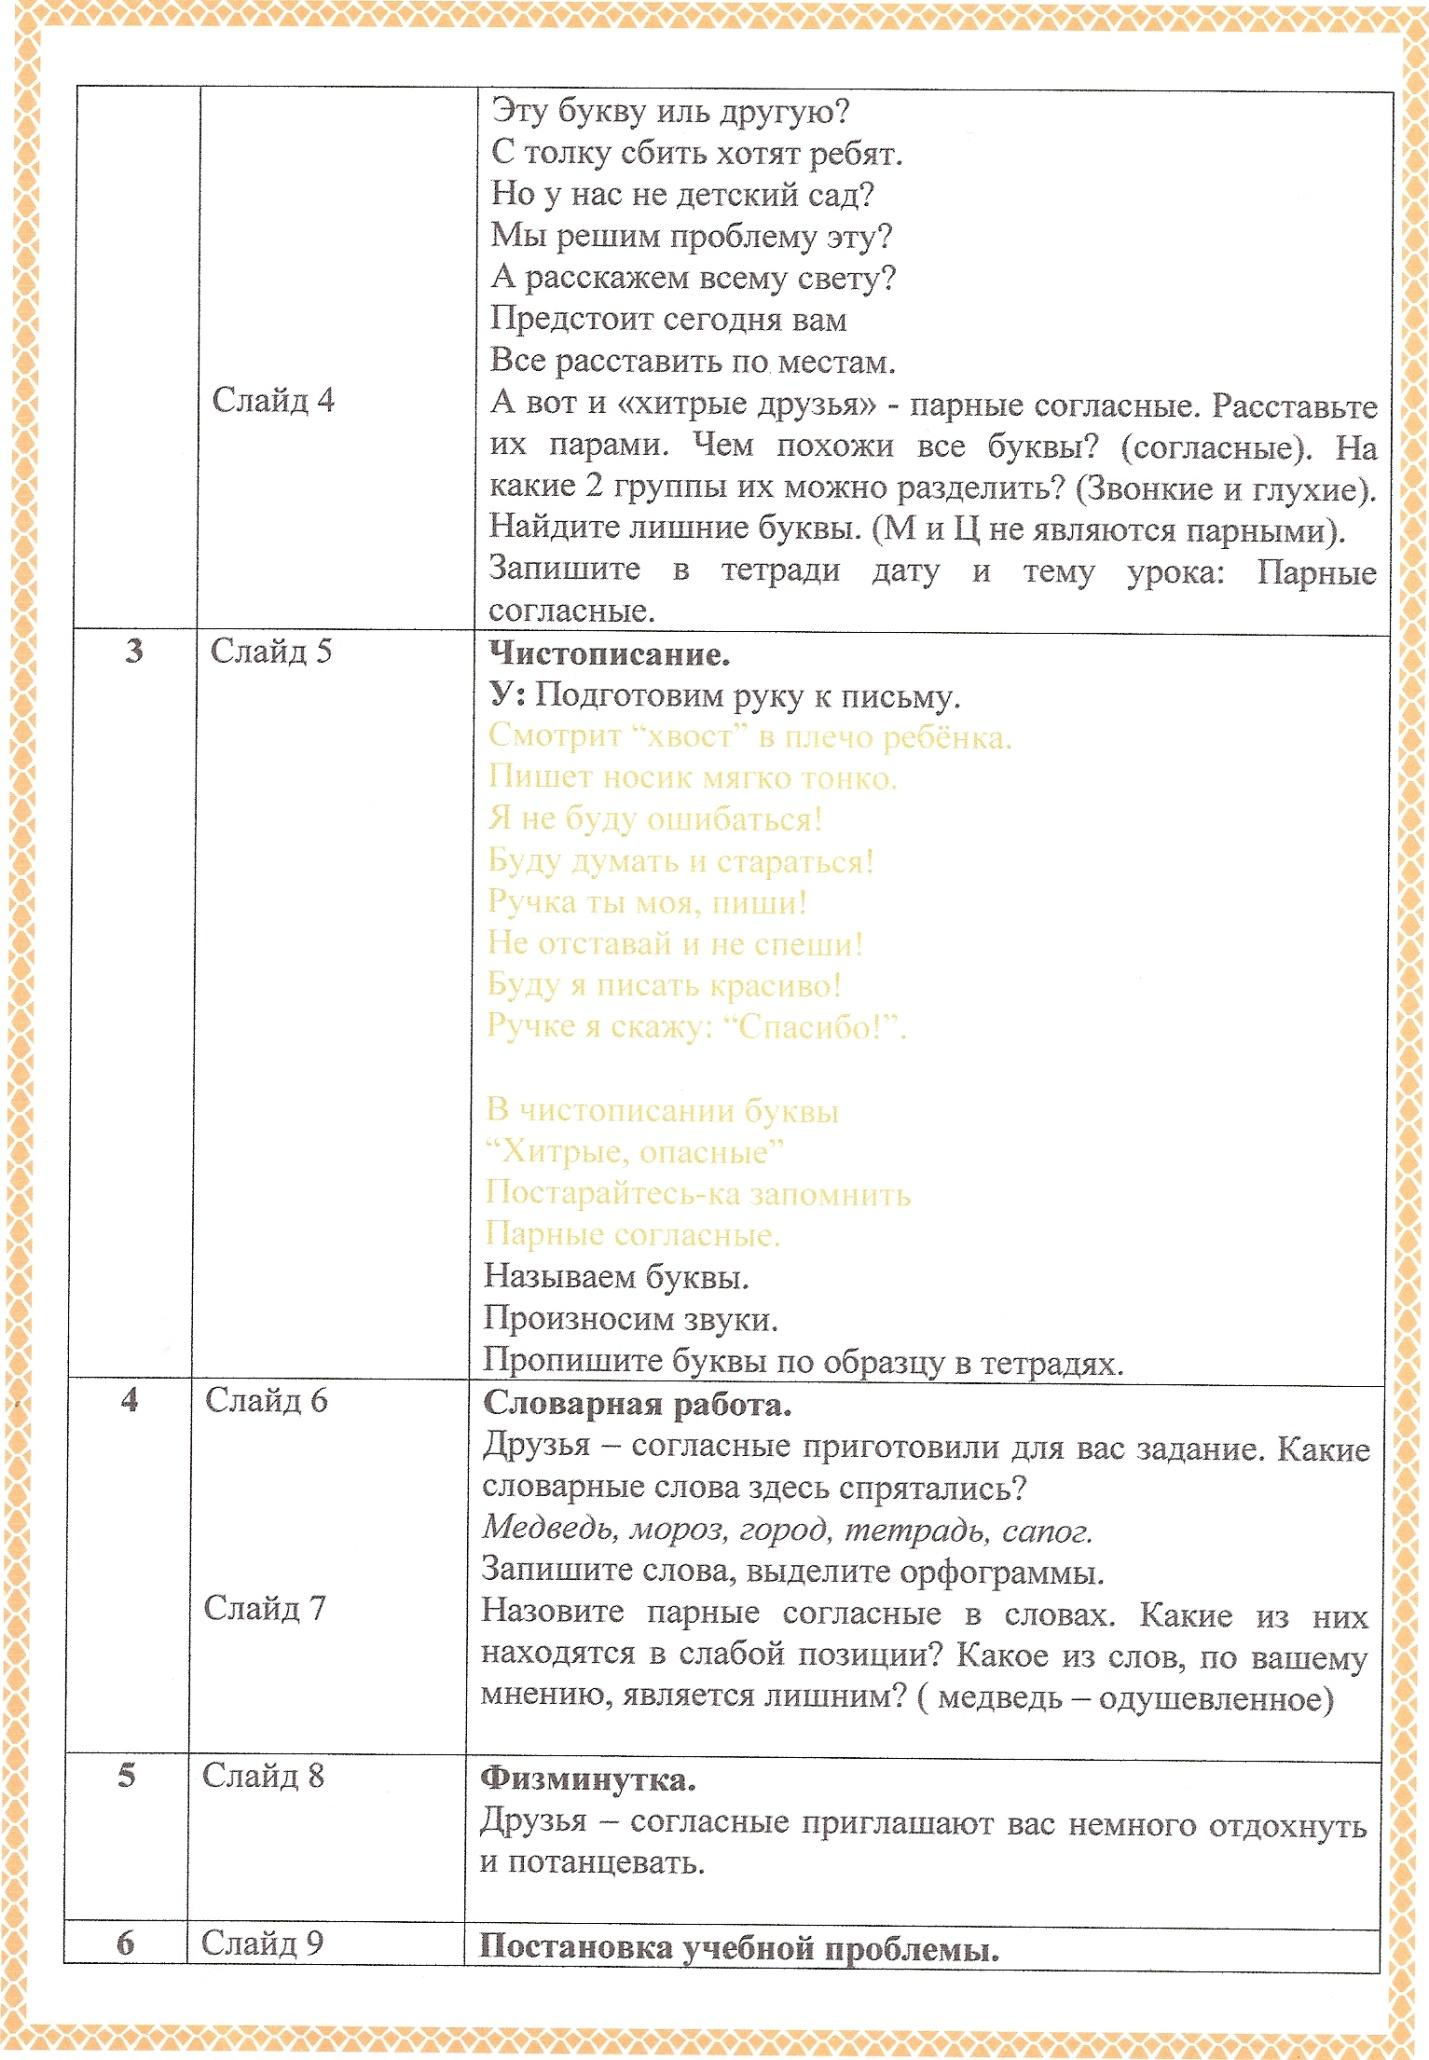 C:\Users\Сергей\Pictures\Мои сканированные изображения\сканирование0054.jpg